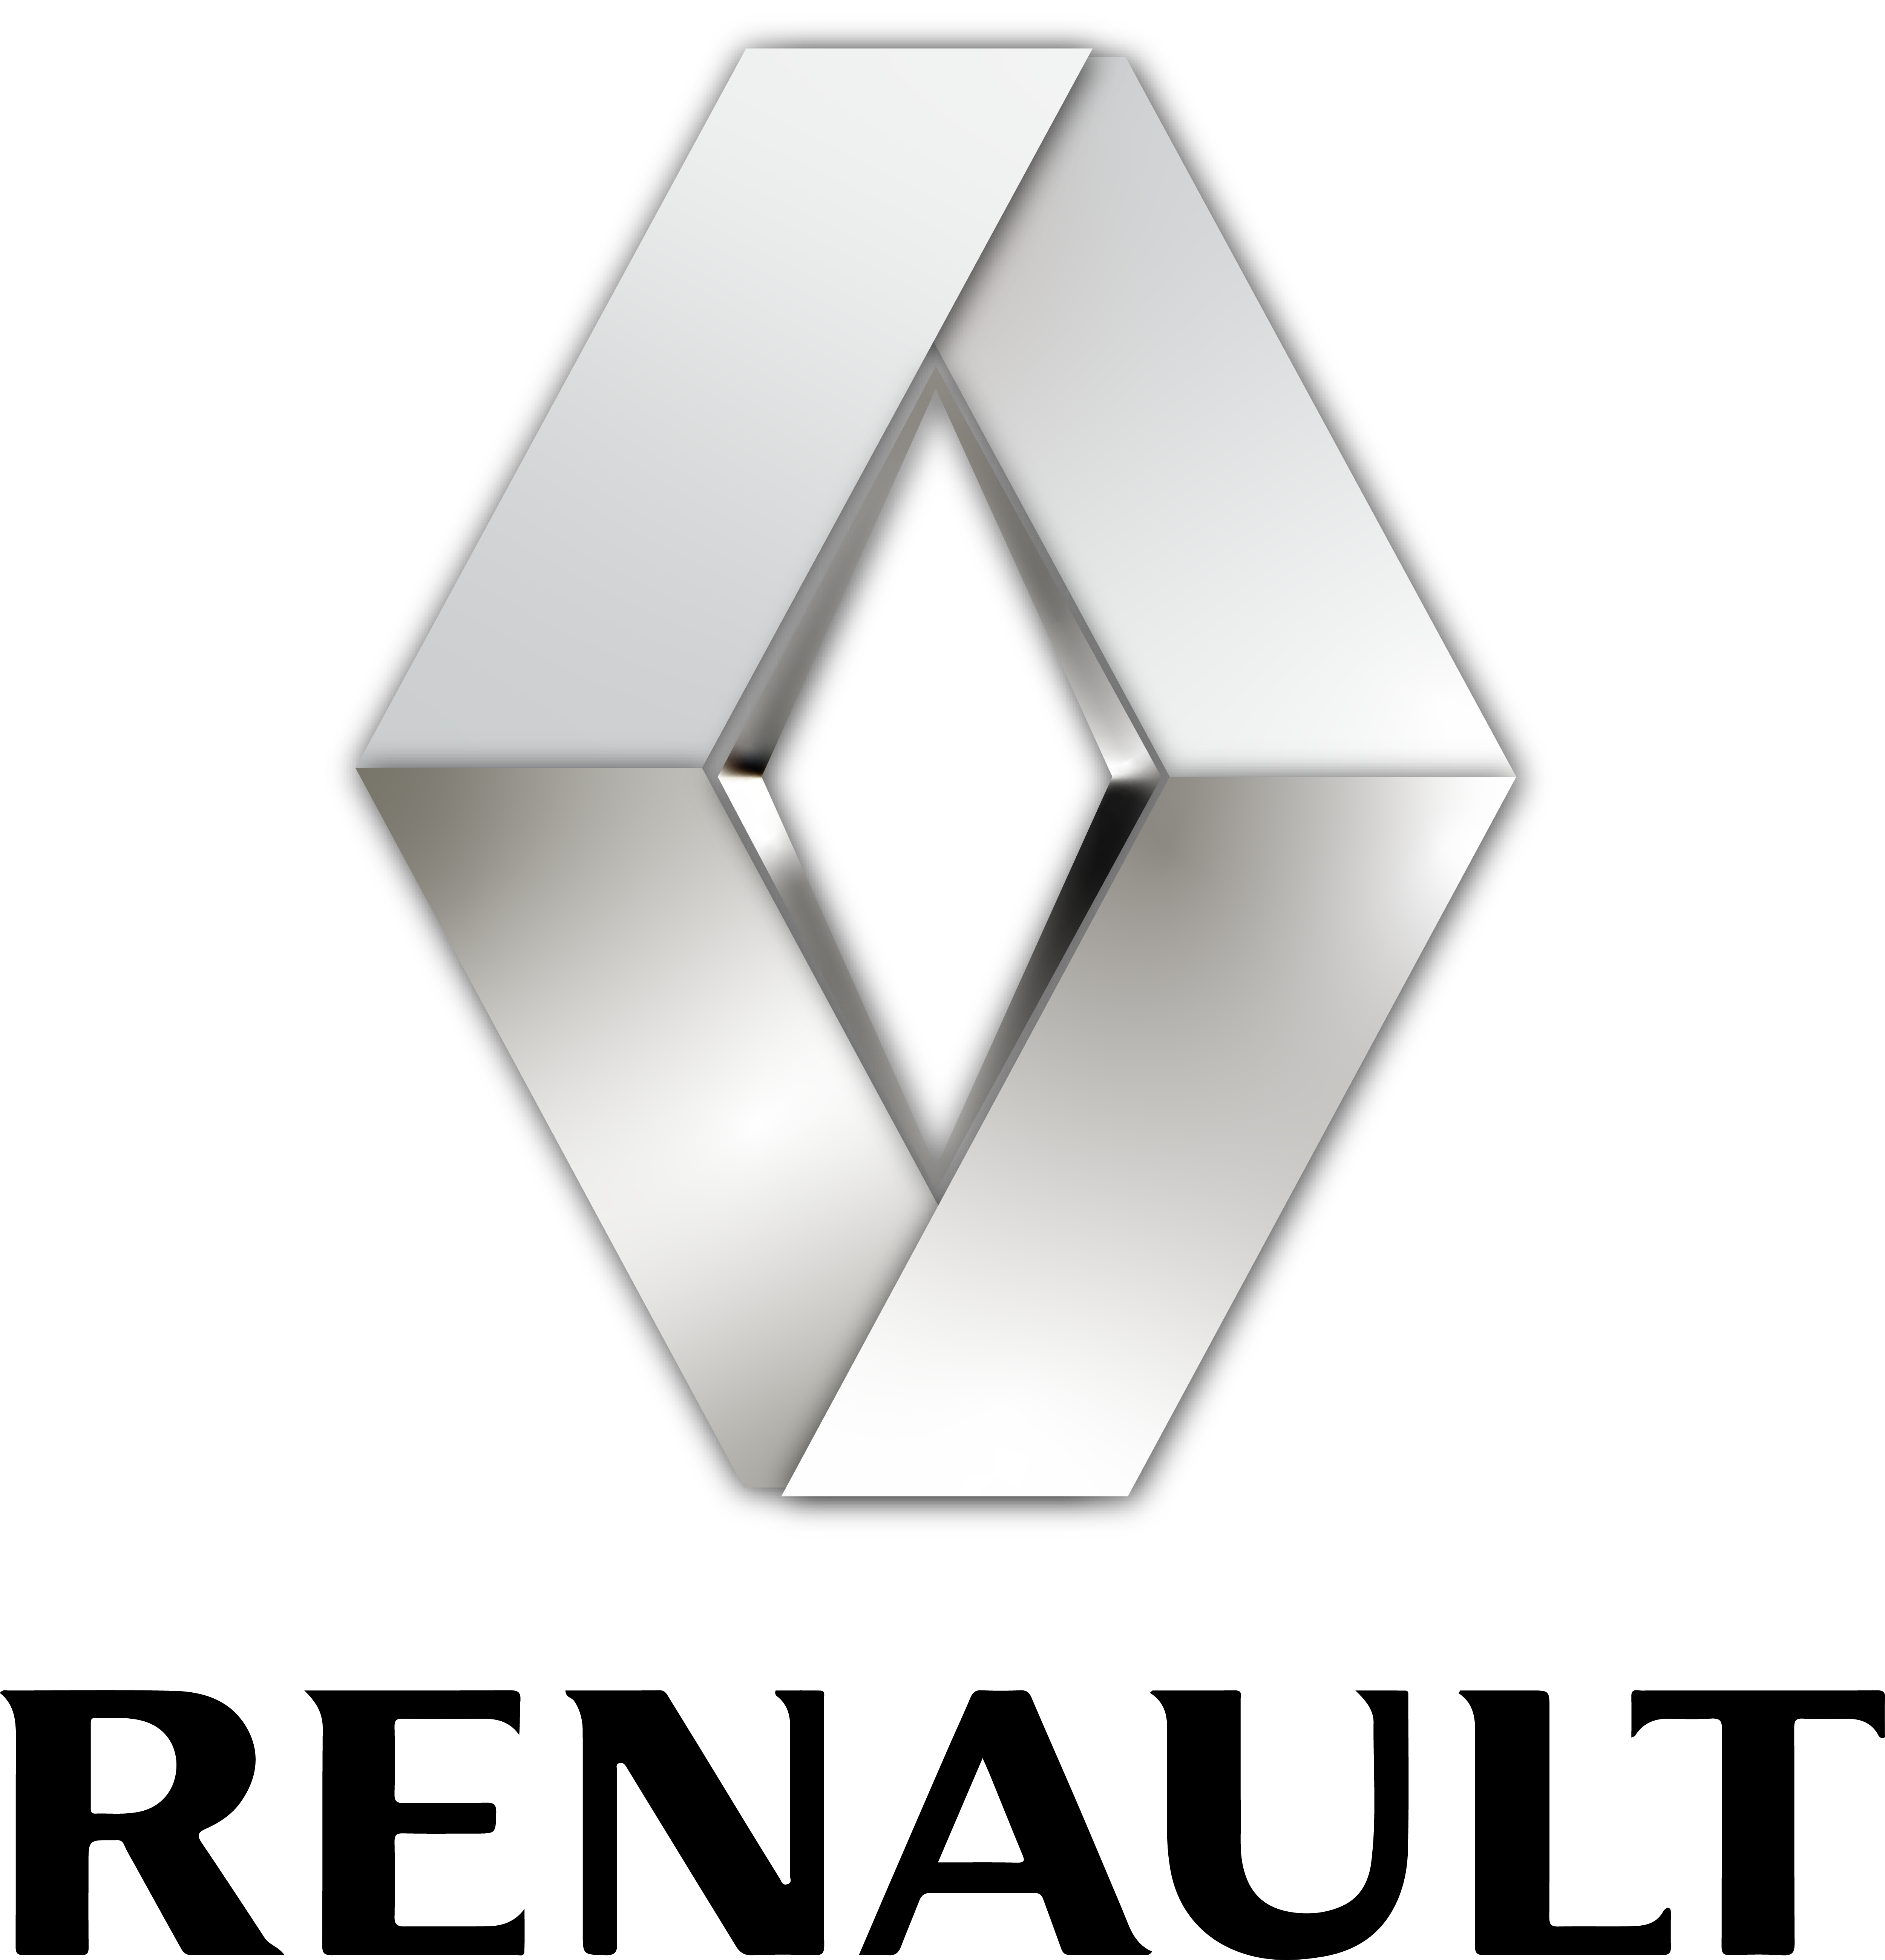 logo renault png gratis